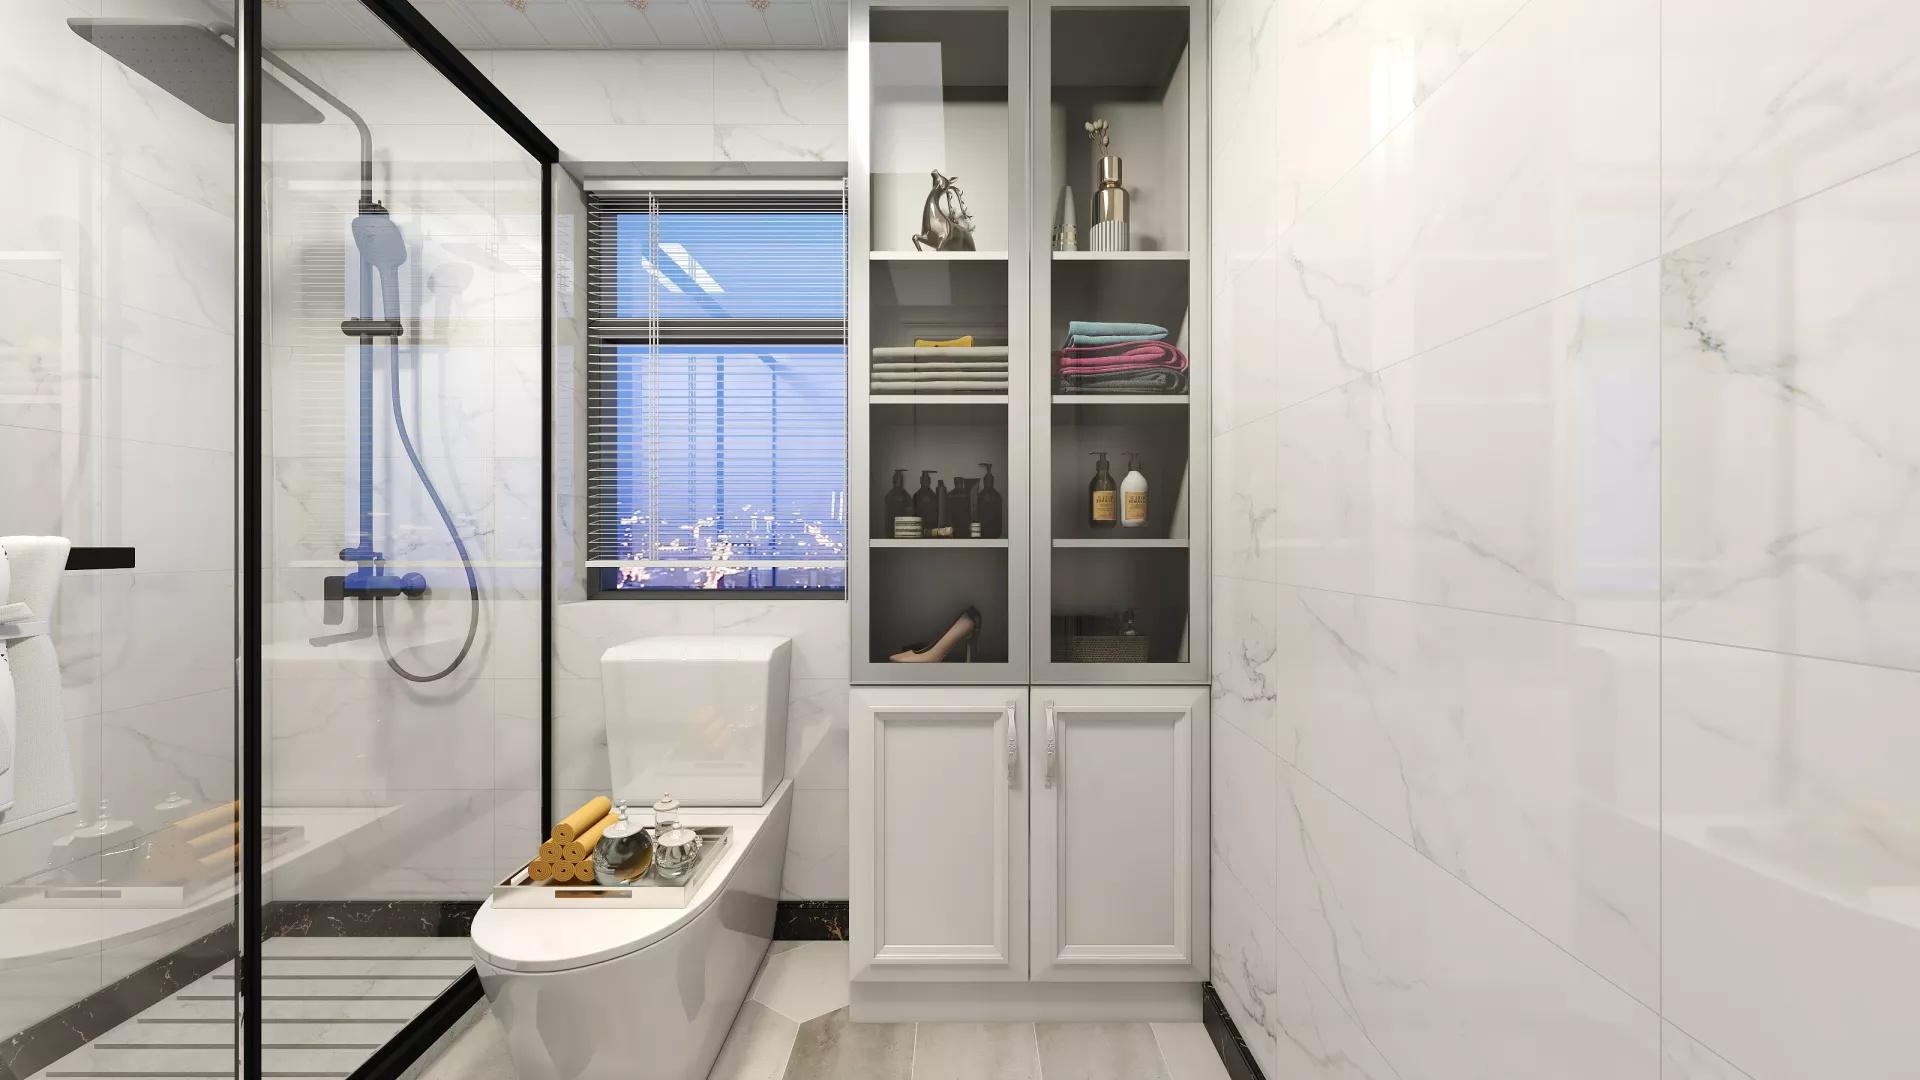 88平米小户型简洁风格客厅装修效果图